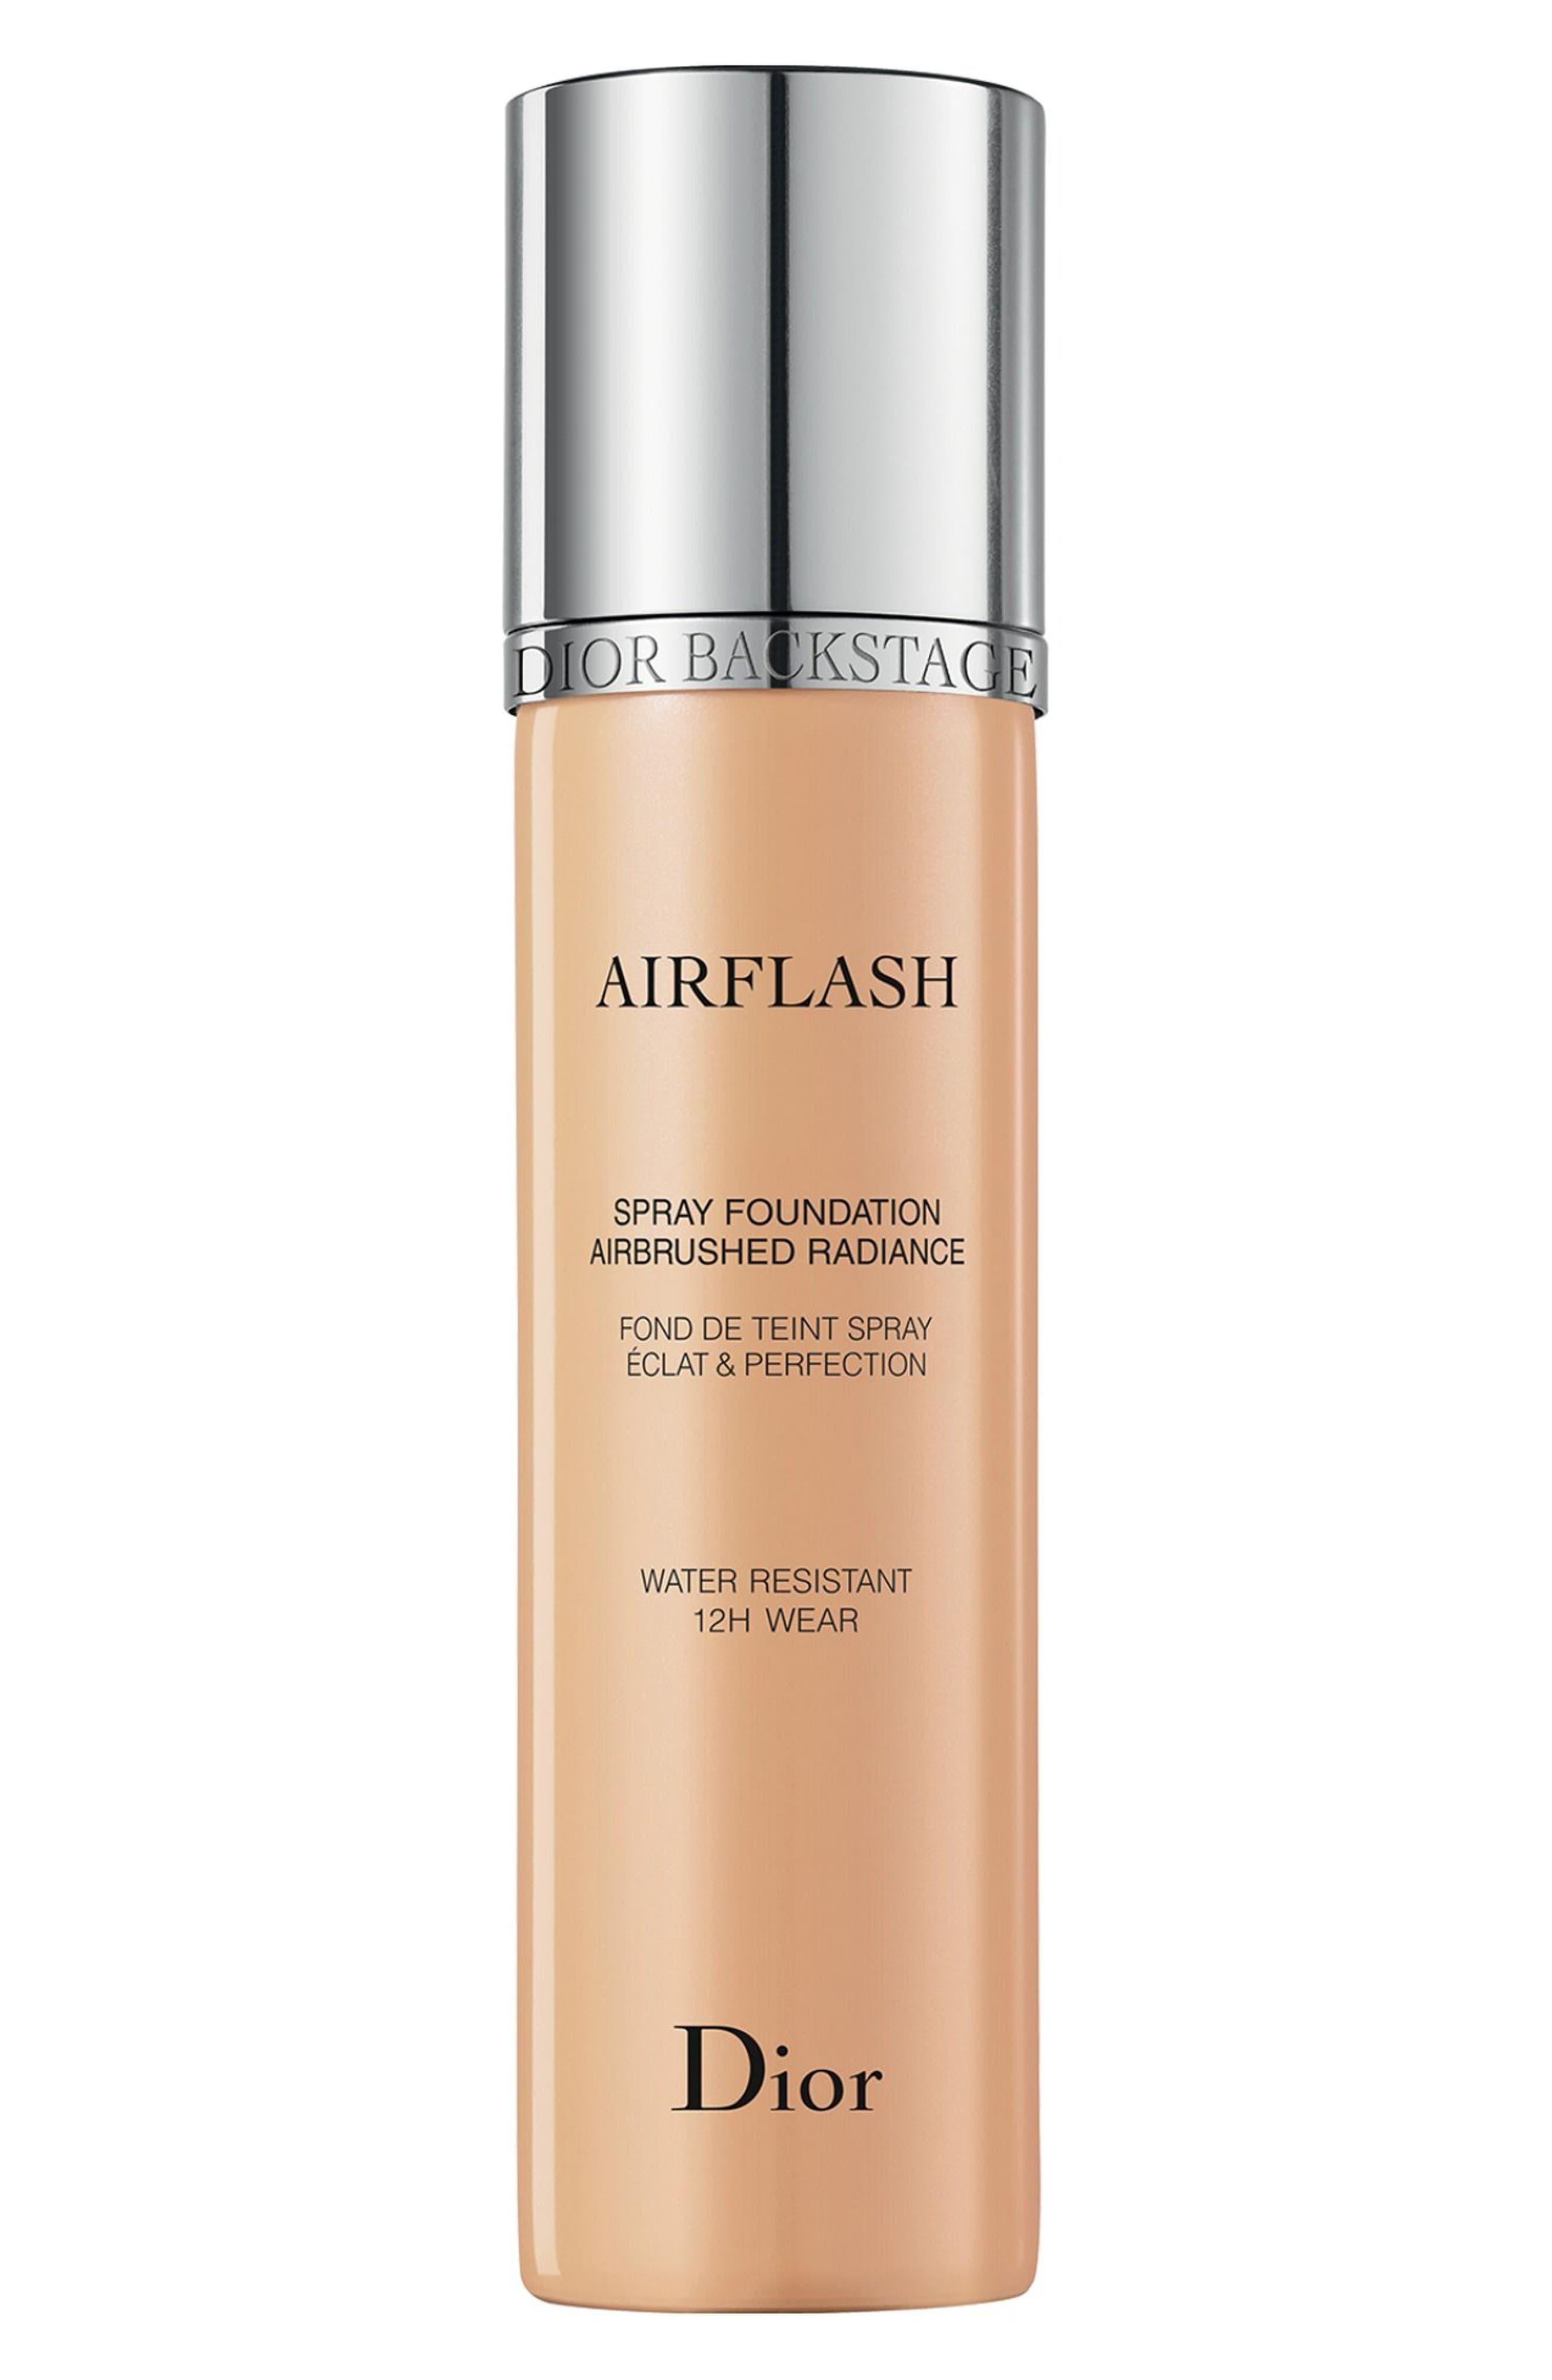 Dior Diorskin Airflash Spray Foundation - 301 Sand